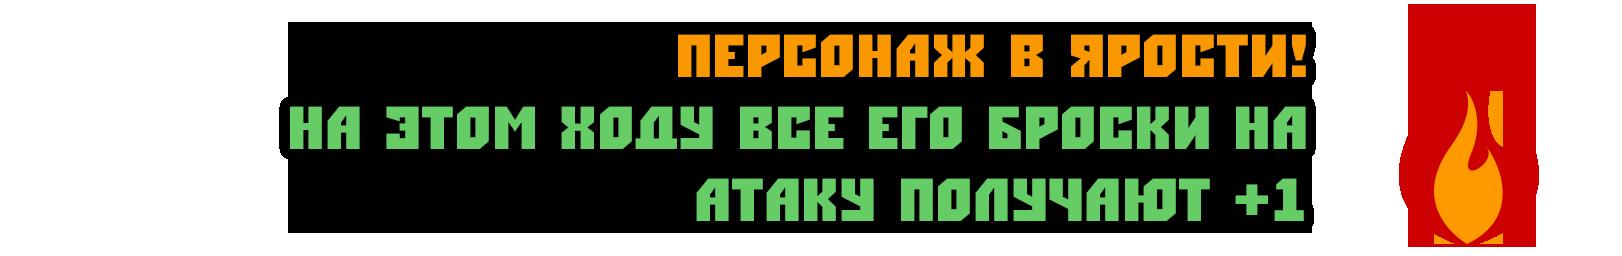 Тест боевой системы O4ki_Urona_Jarost_Forum_Vova_3